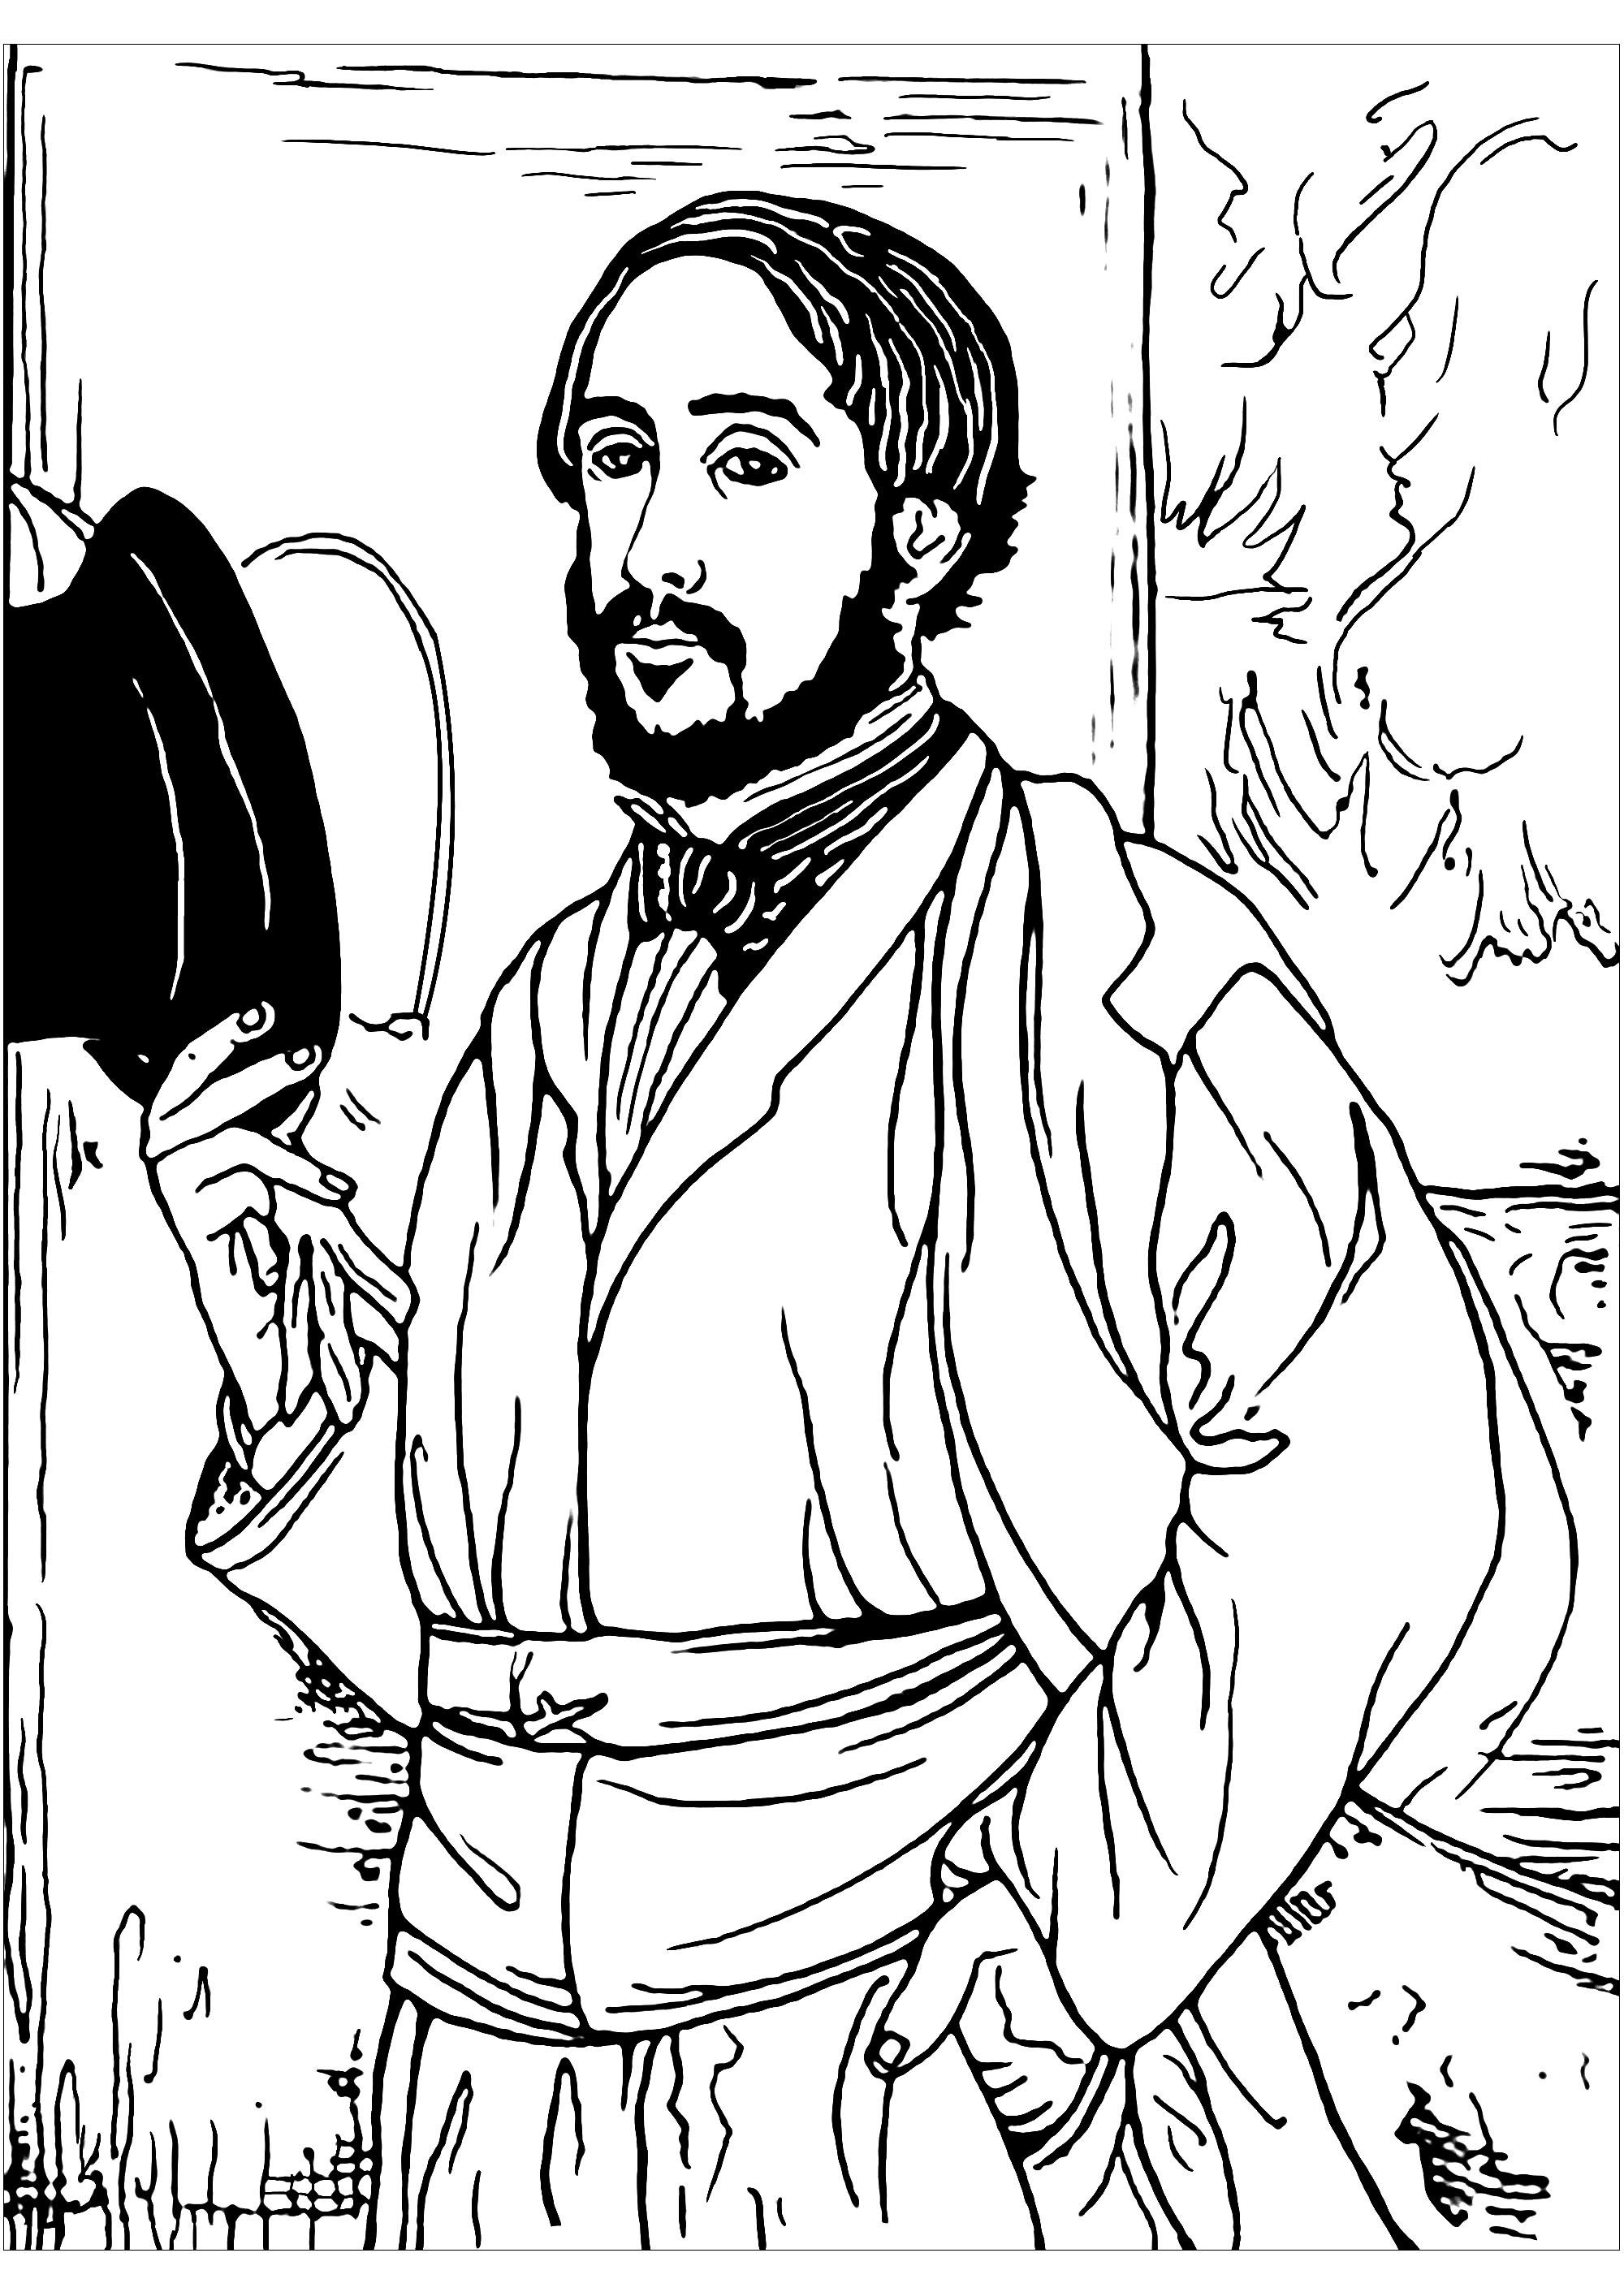 Un Auto-portrait d'Edgar Degas à colorier